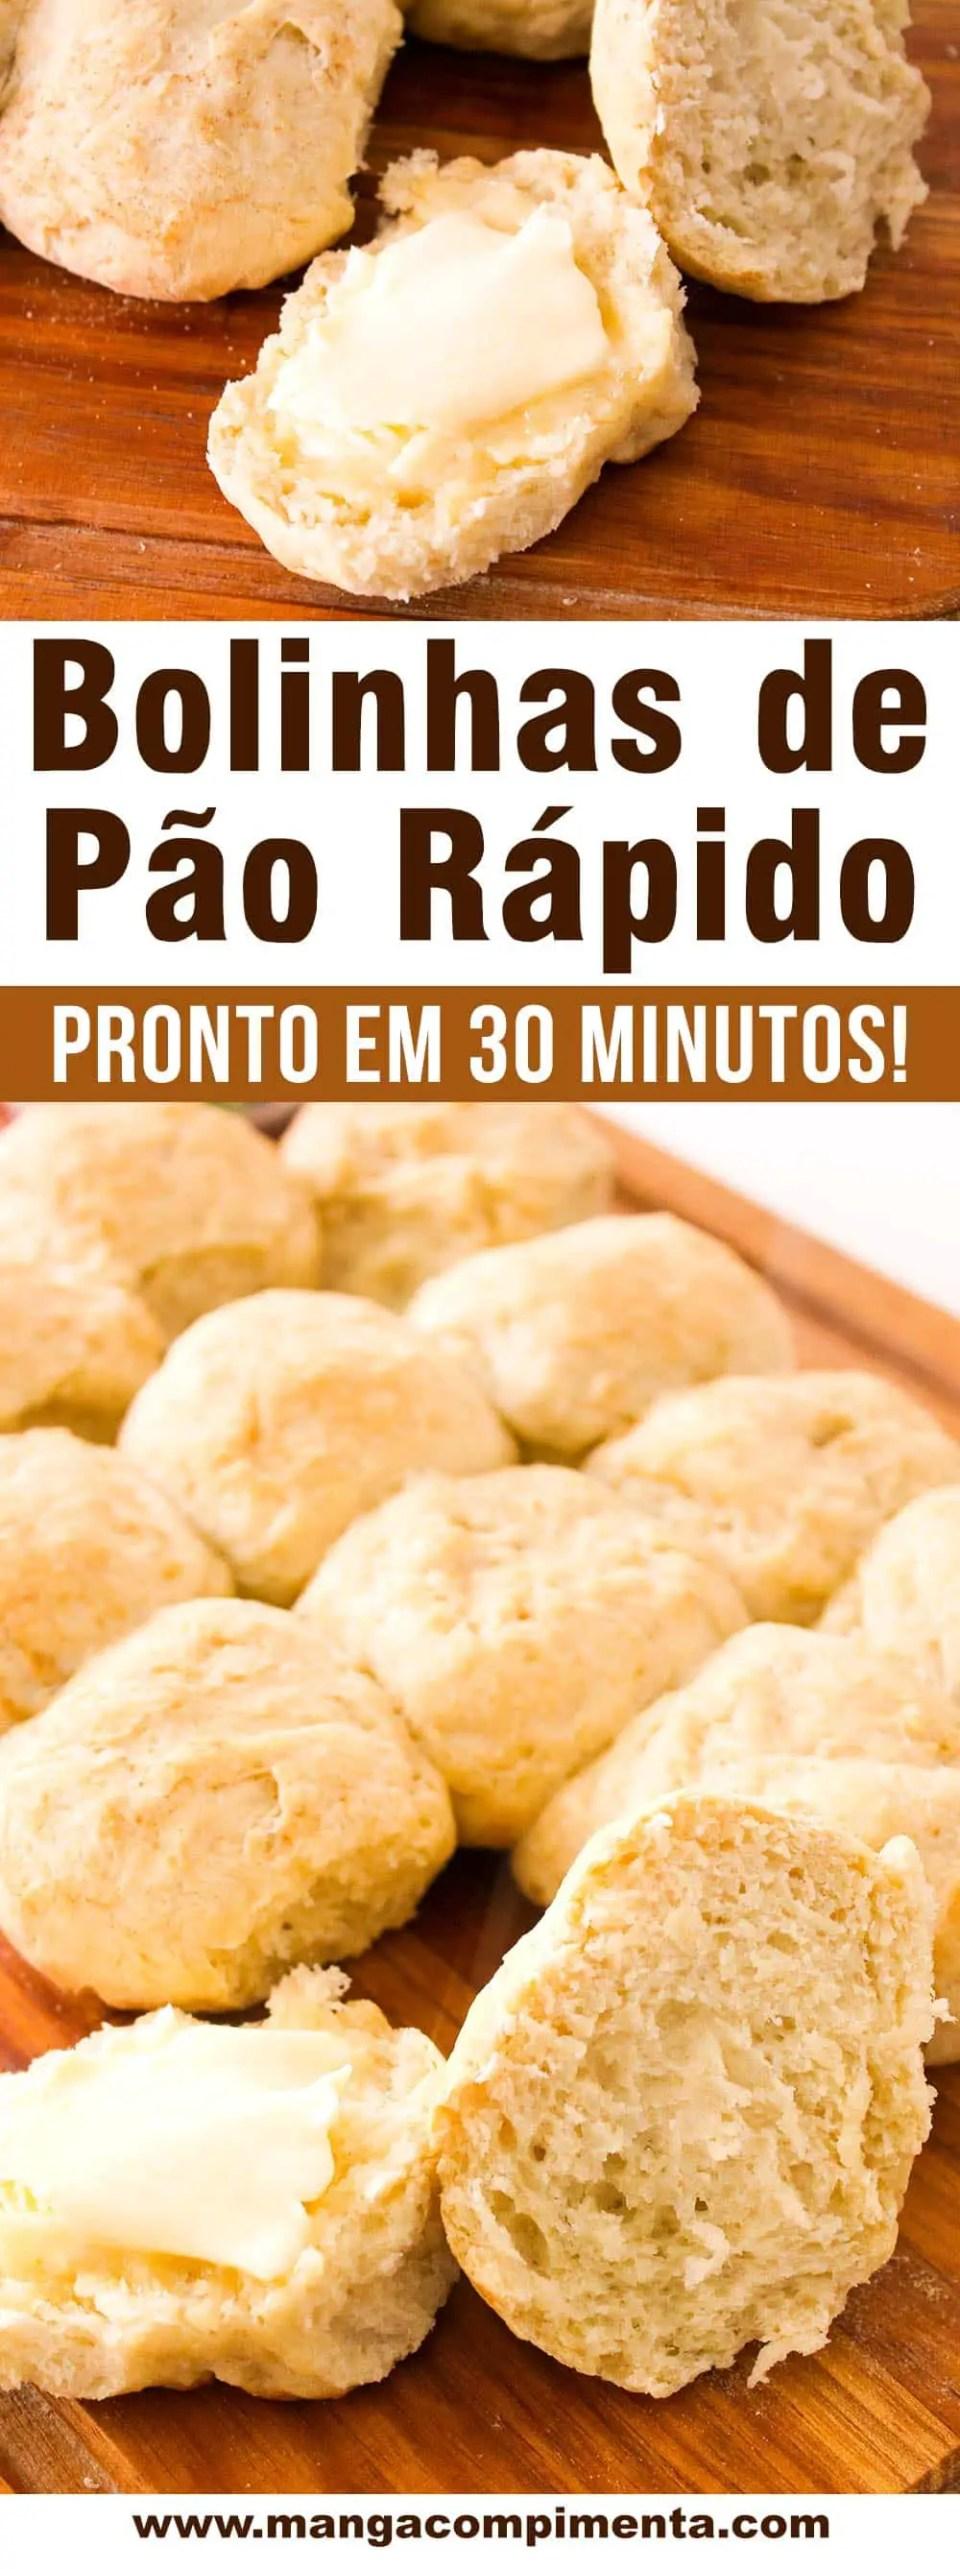 Bolinhas de Pão Rápido -Pronto em 30 minutos para o seu lanche da tarde!